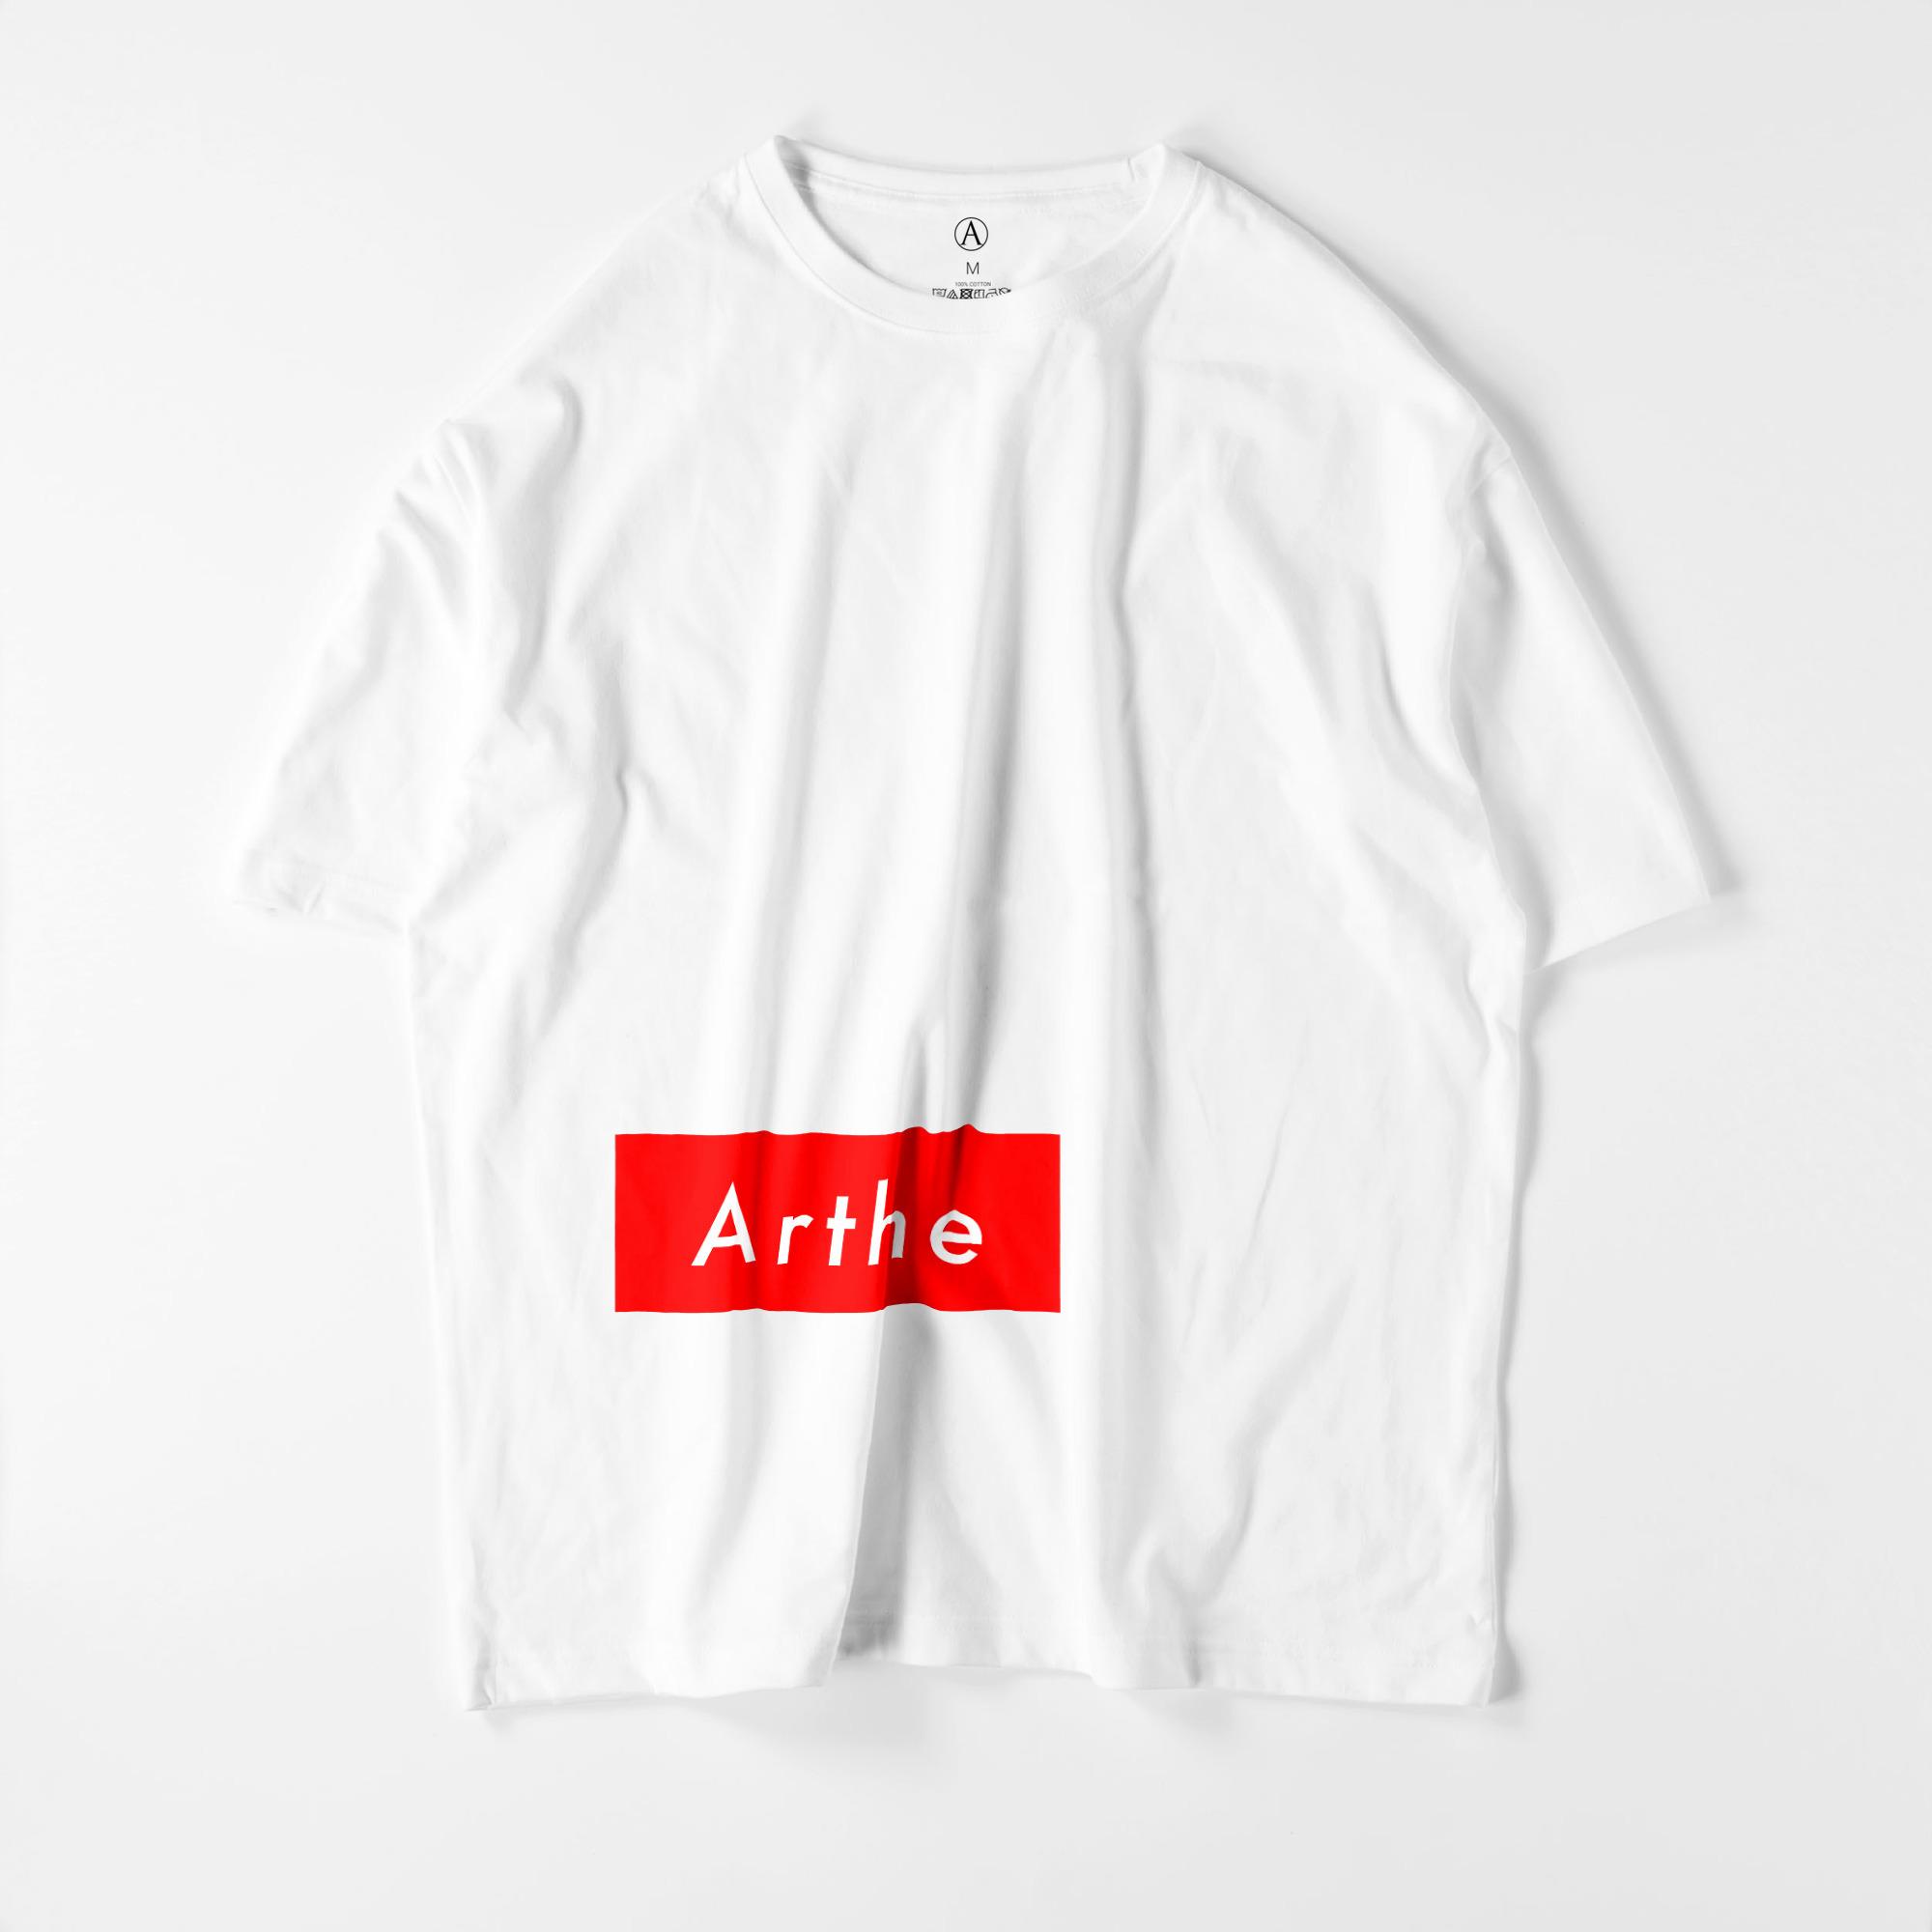 Arthe ビッグシルエットTシャツ ホワイト / Mens